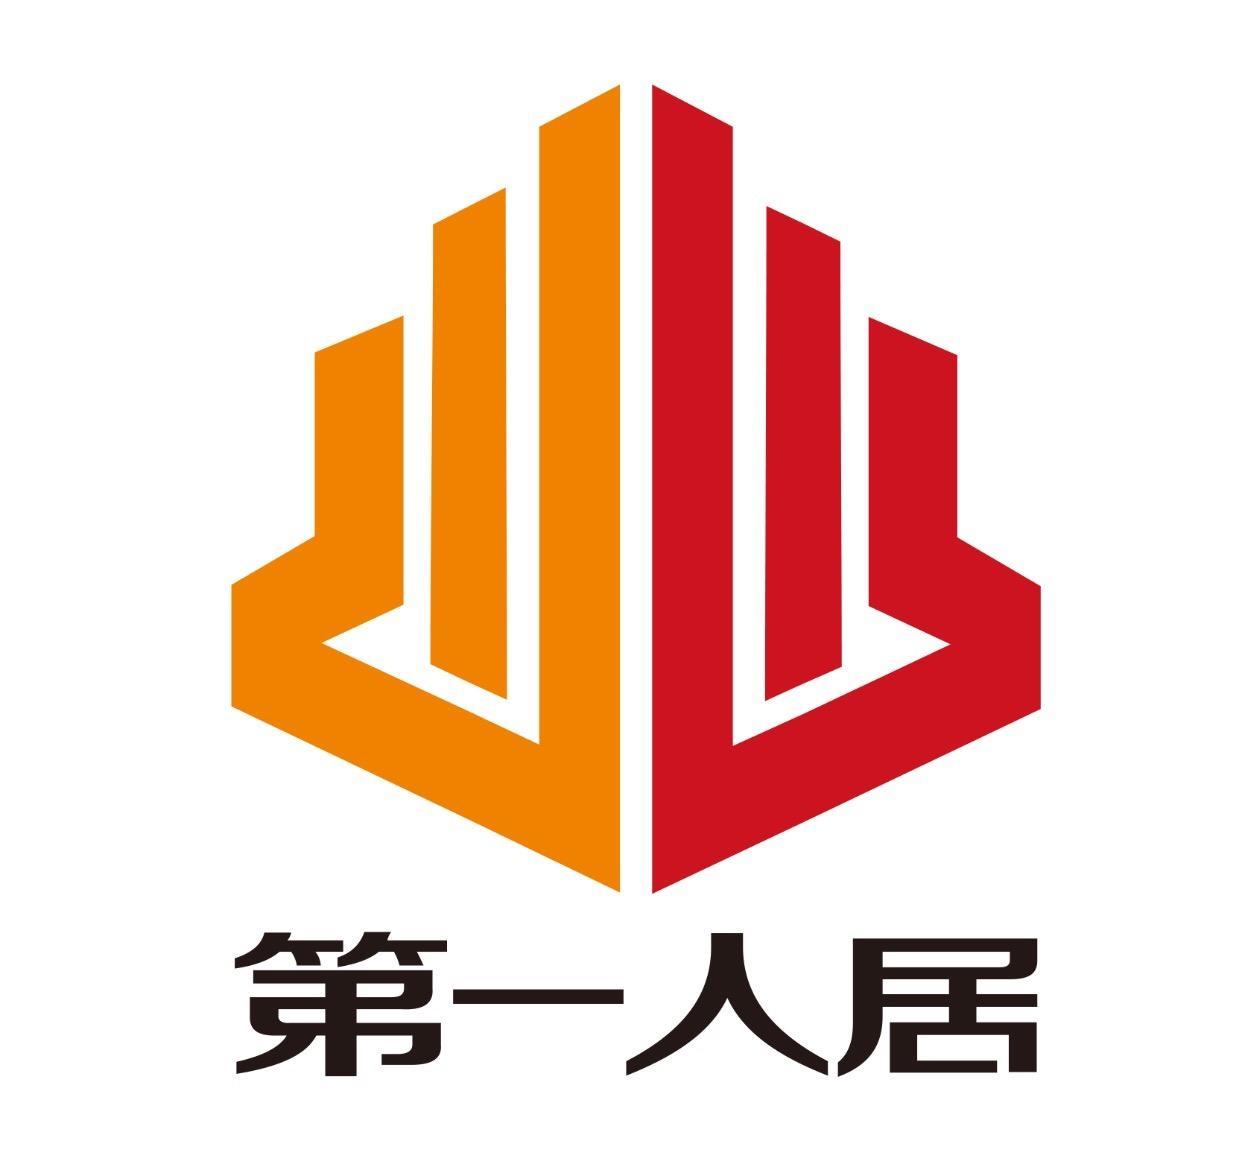 第一摩码人居环境科技(北京)有限公司